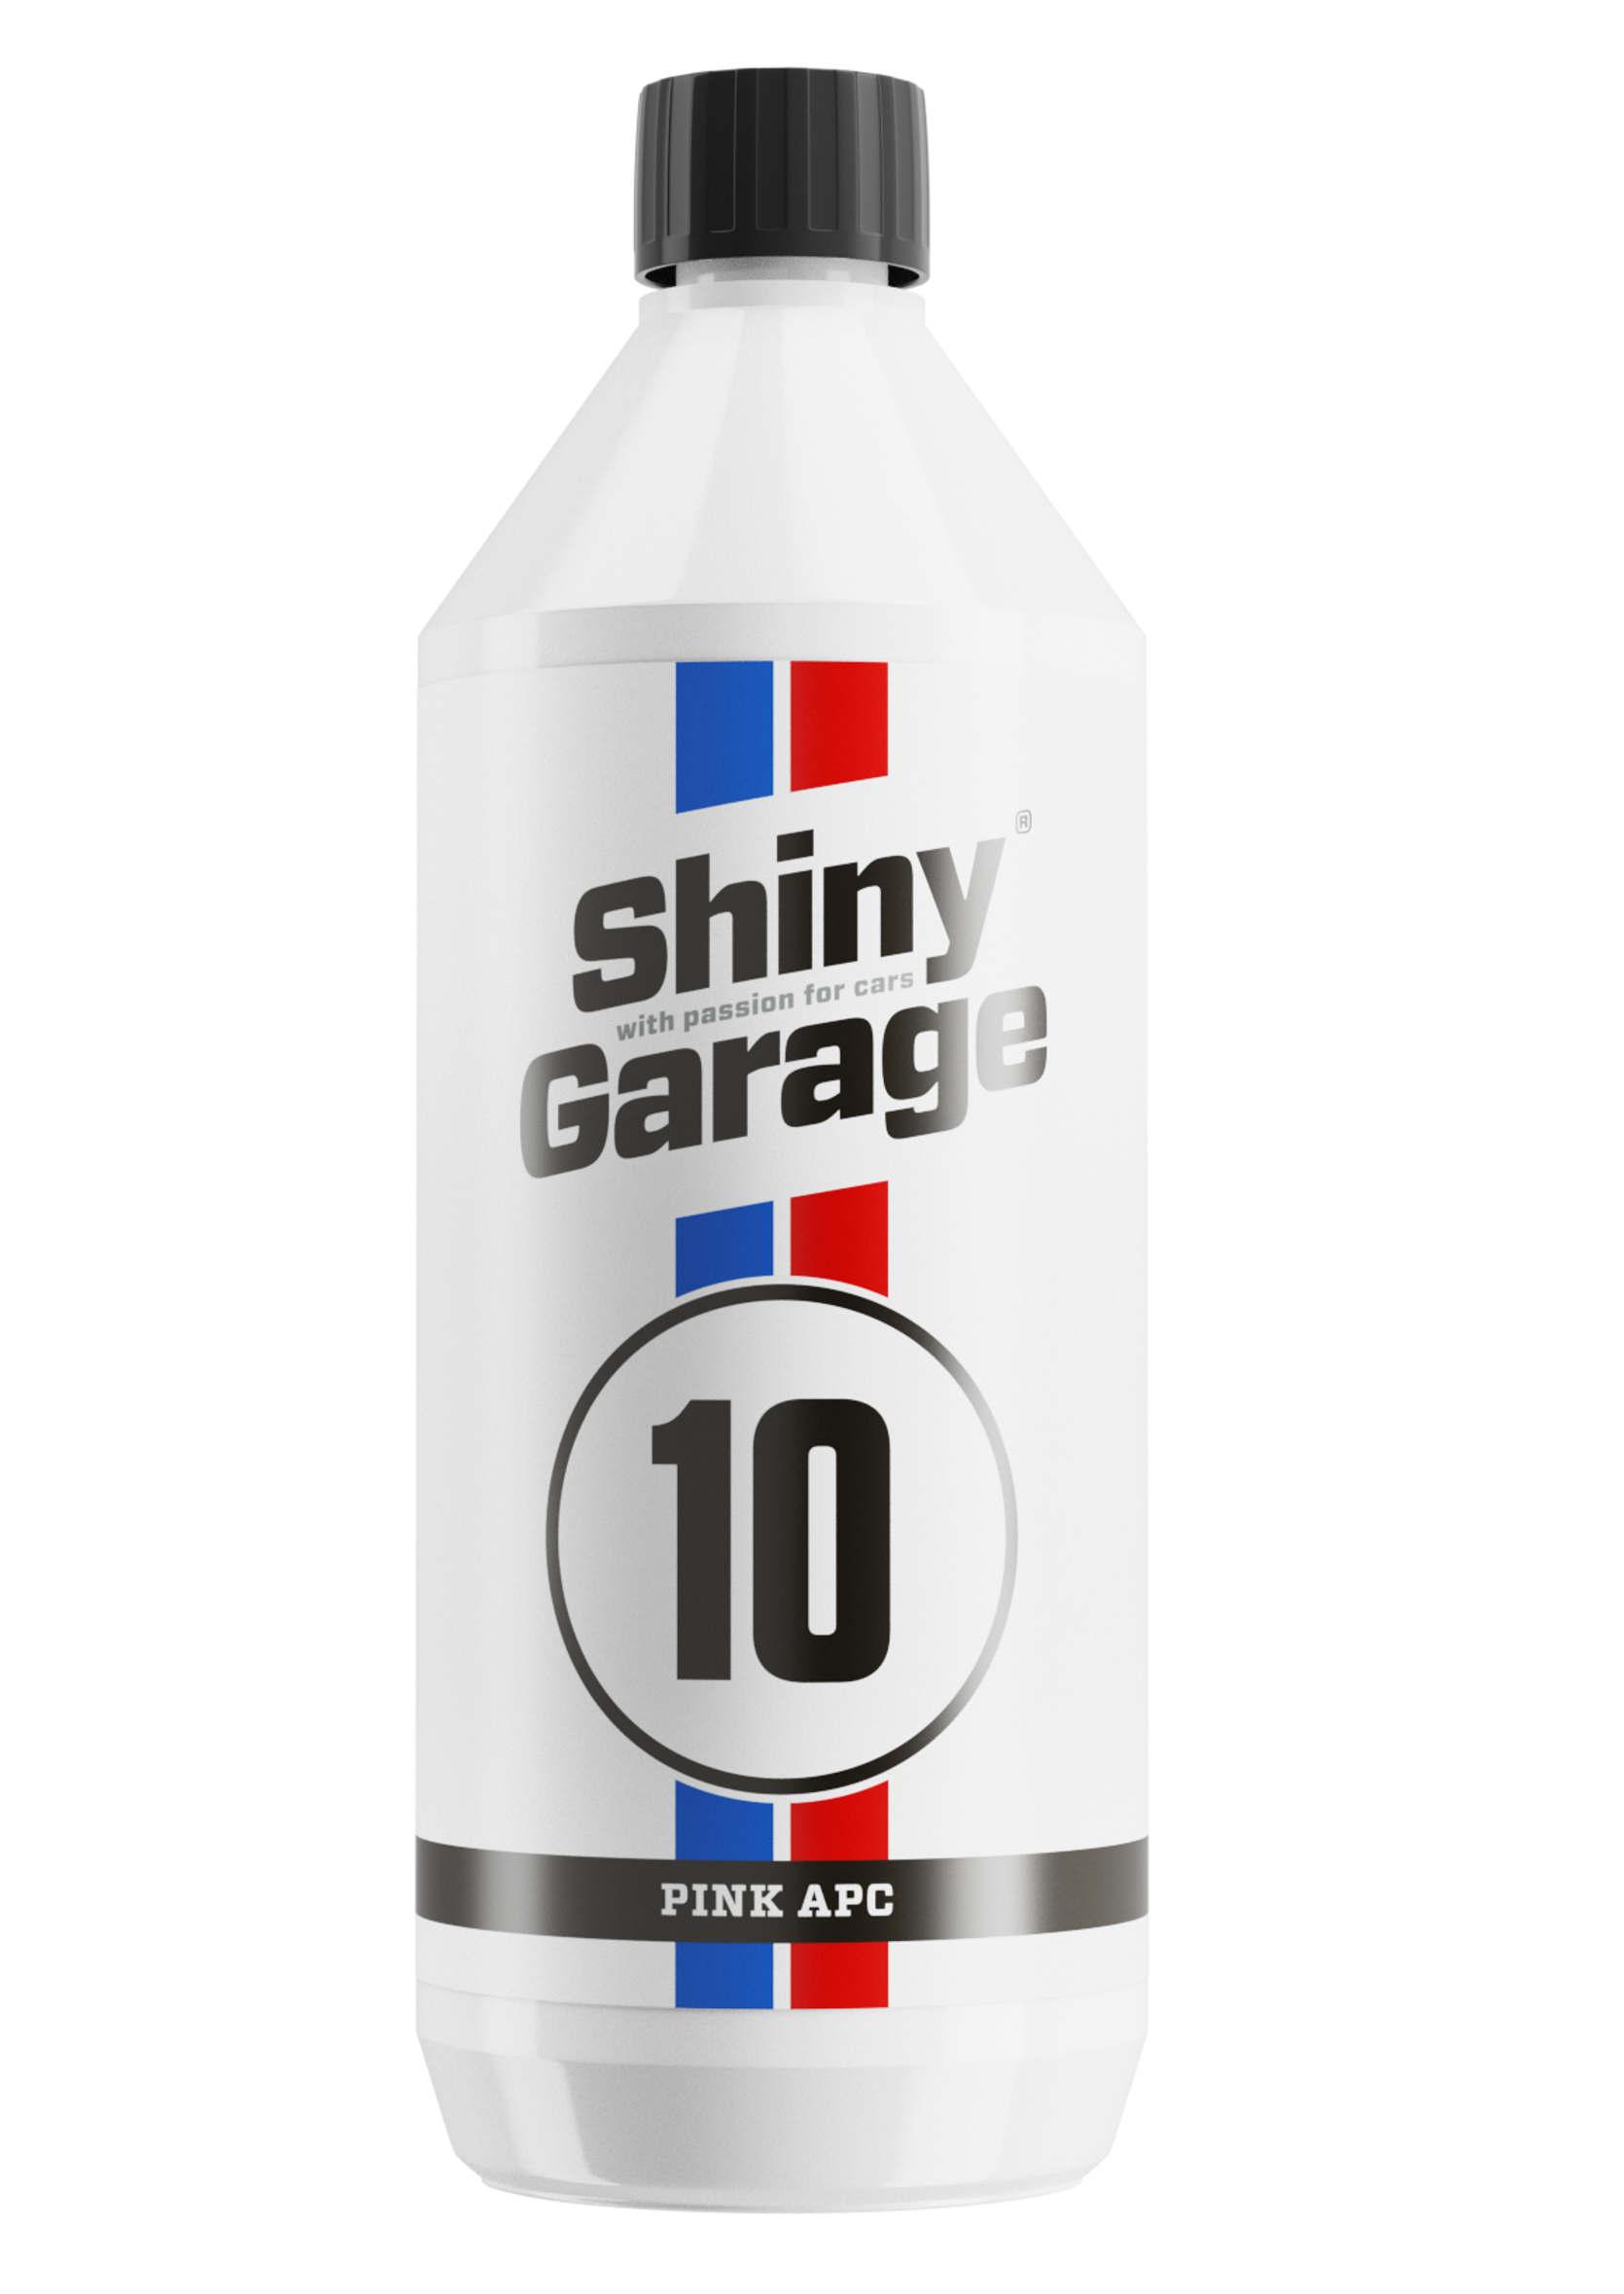 Shiny Garage Pink APC Poziomkowy Koncentrat do Czyszczenia Wnętrza 1L